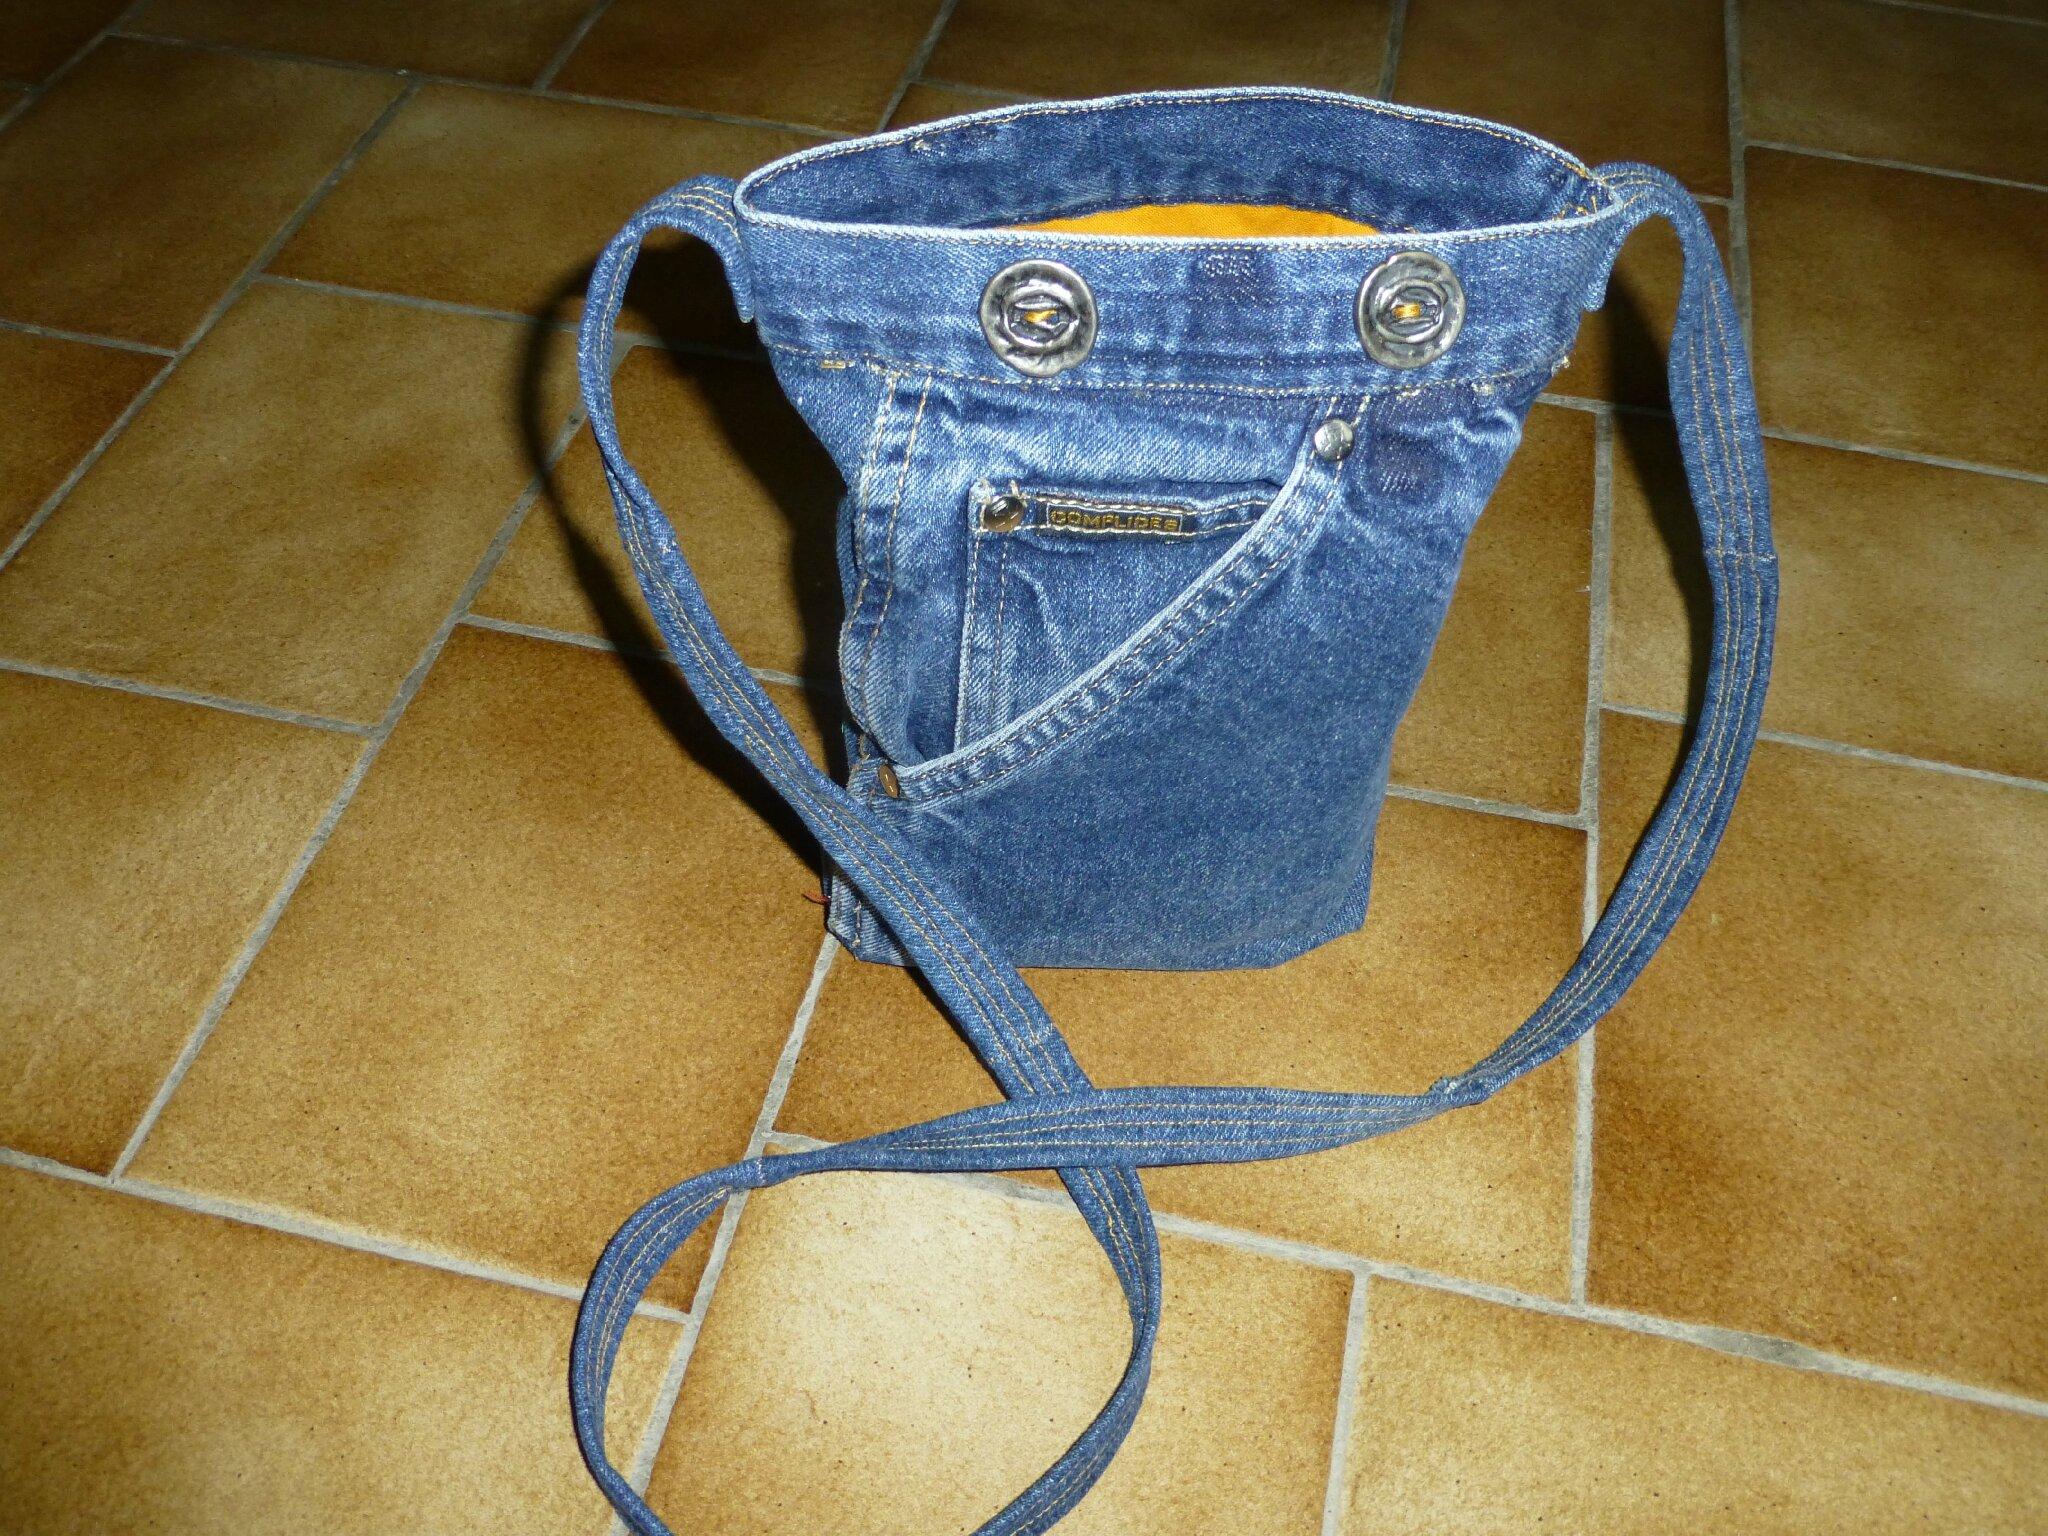 mes r alisations avec de vieux jeans atelier de chouet. Black Bedroom Furniture Sets. Home Design Ideas